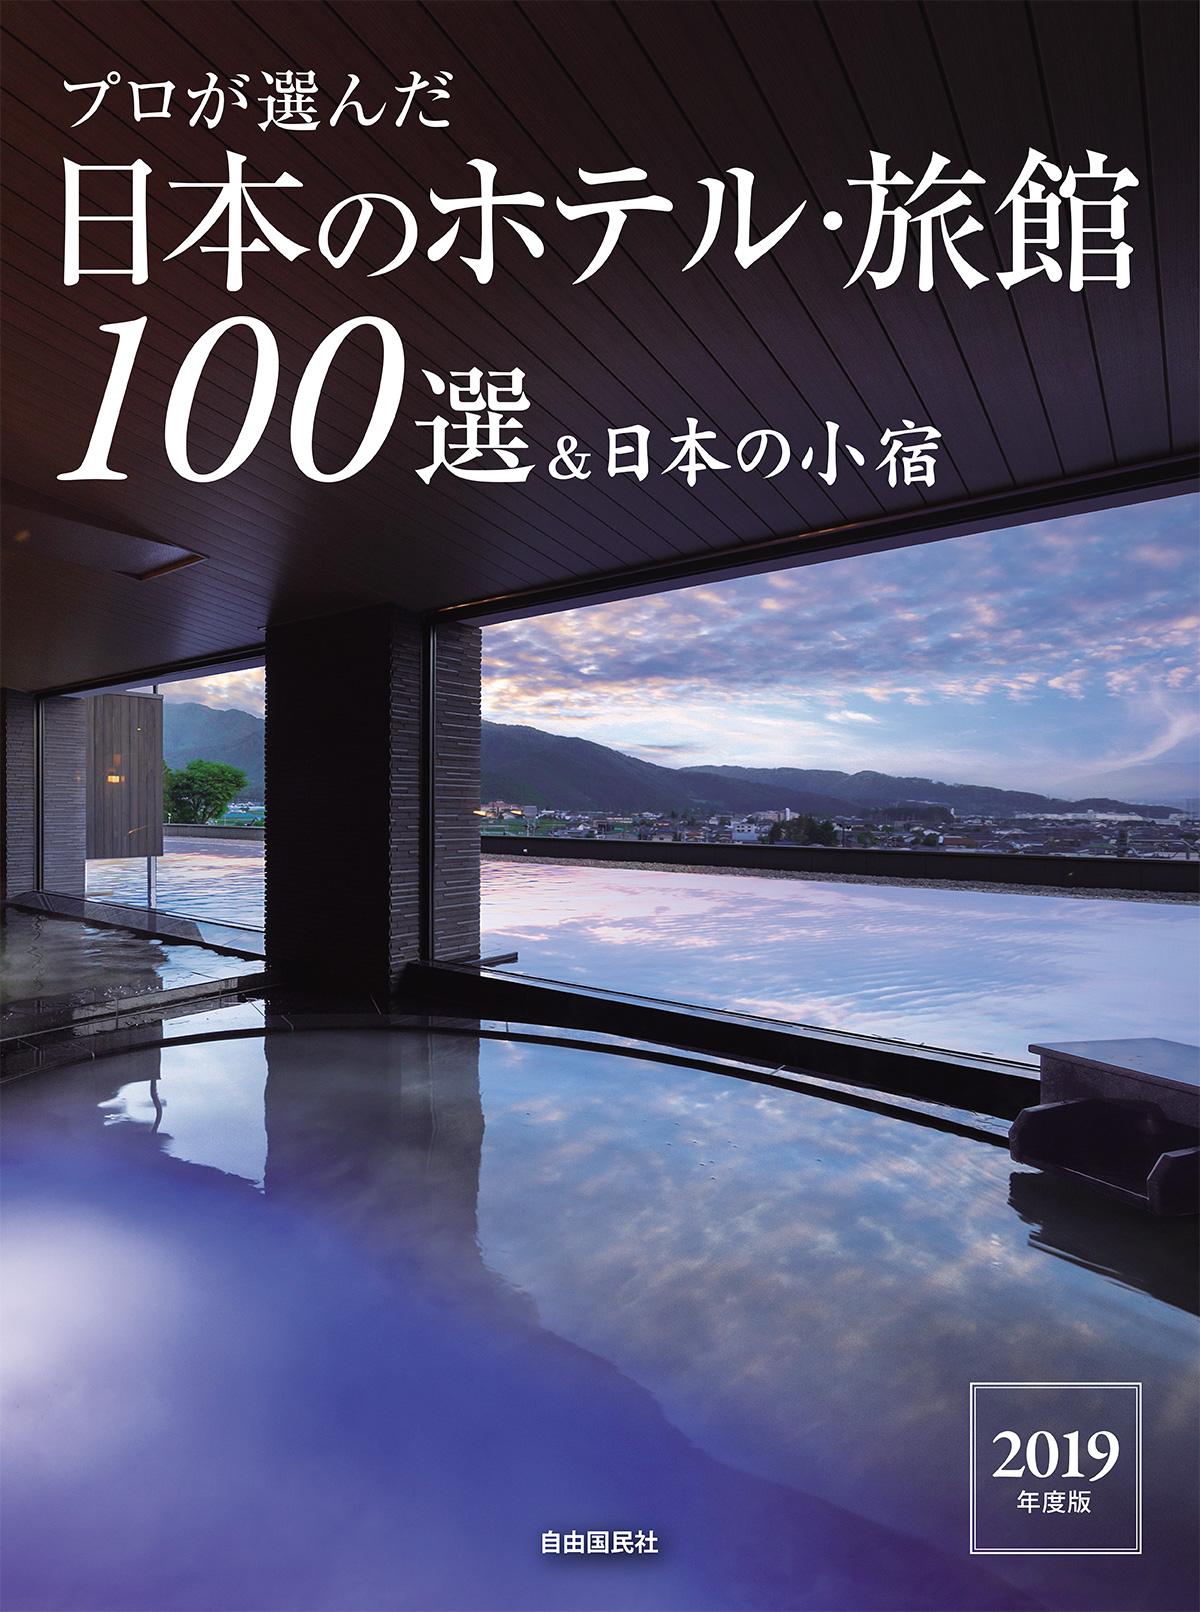 プロが選んだ日本のホテル・旅館100選&日本の小宿